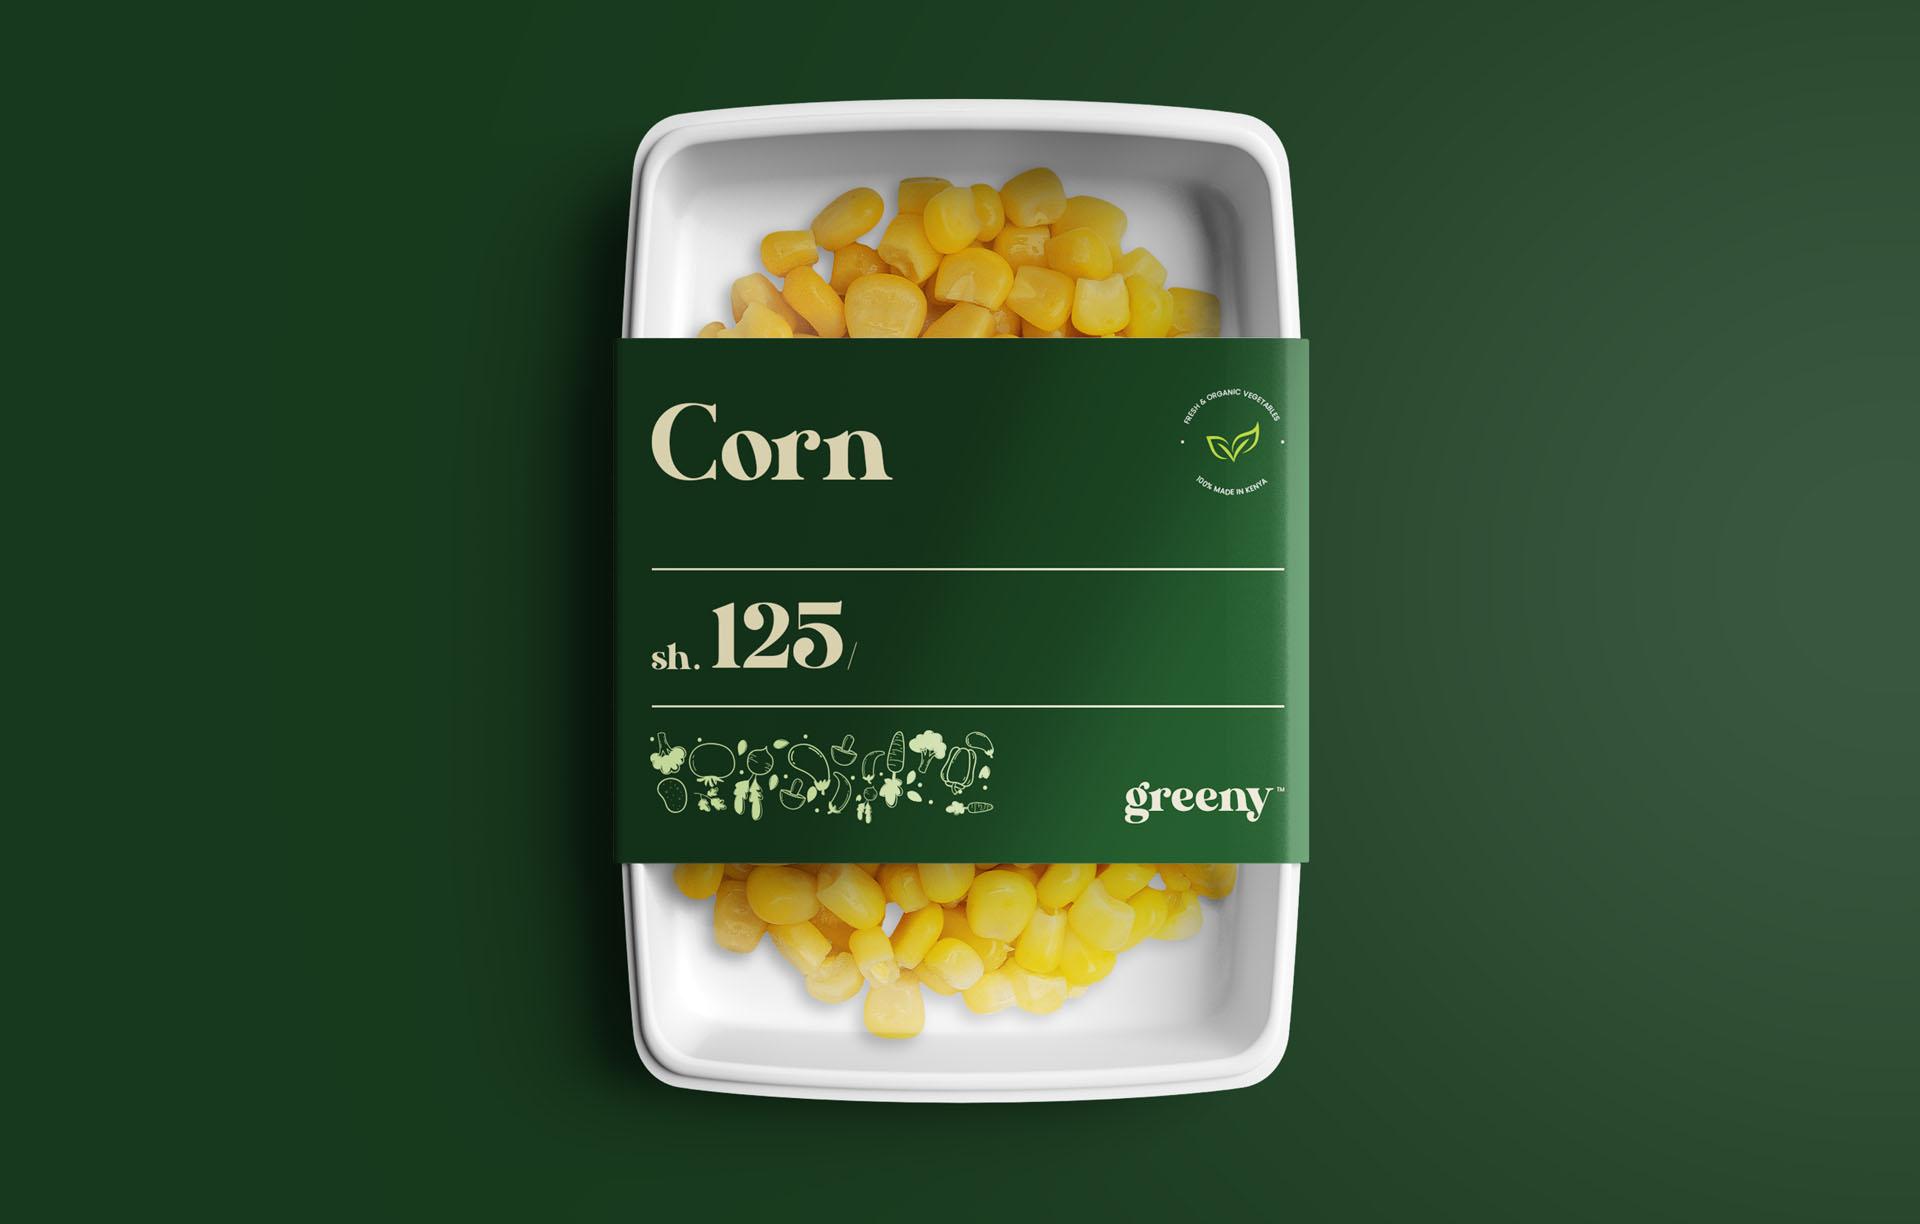 Greeny corn food packaging sample